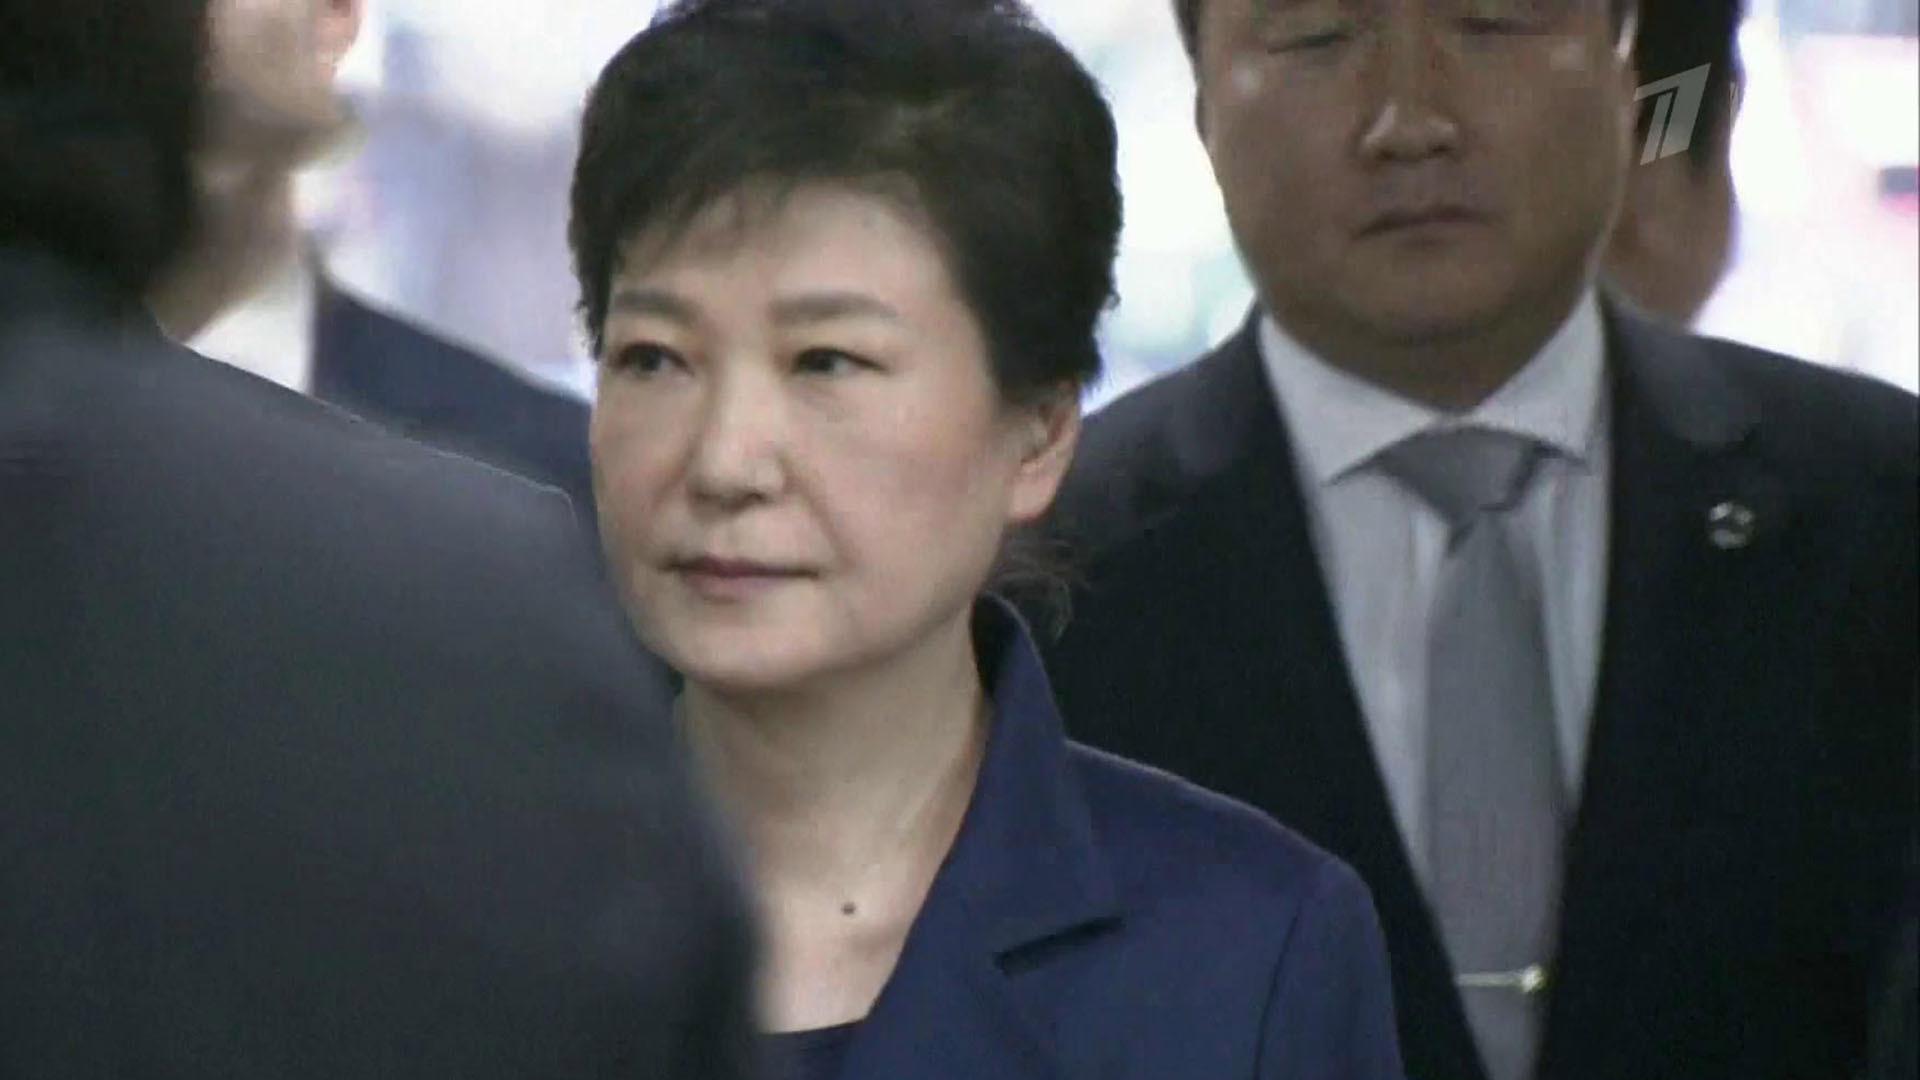 Появилось видео ареста экс-президента Южной Кореи Пак Кын Хе по делу ее подруги